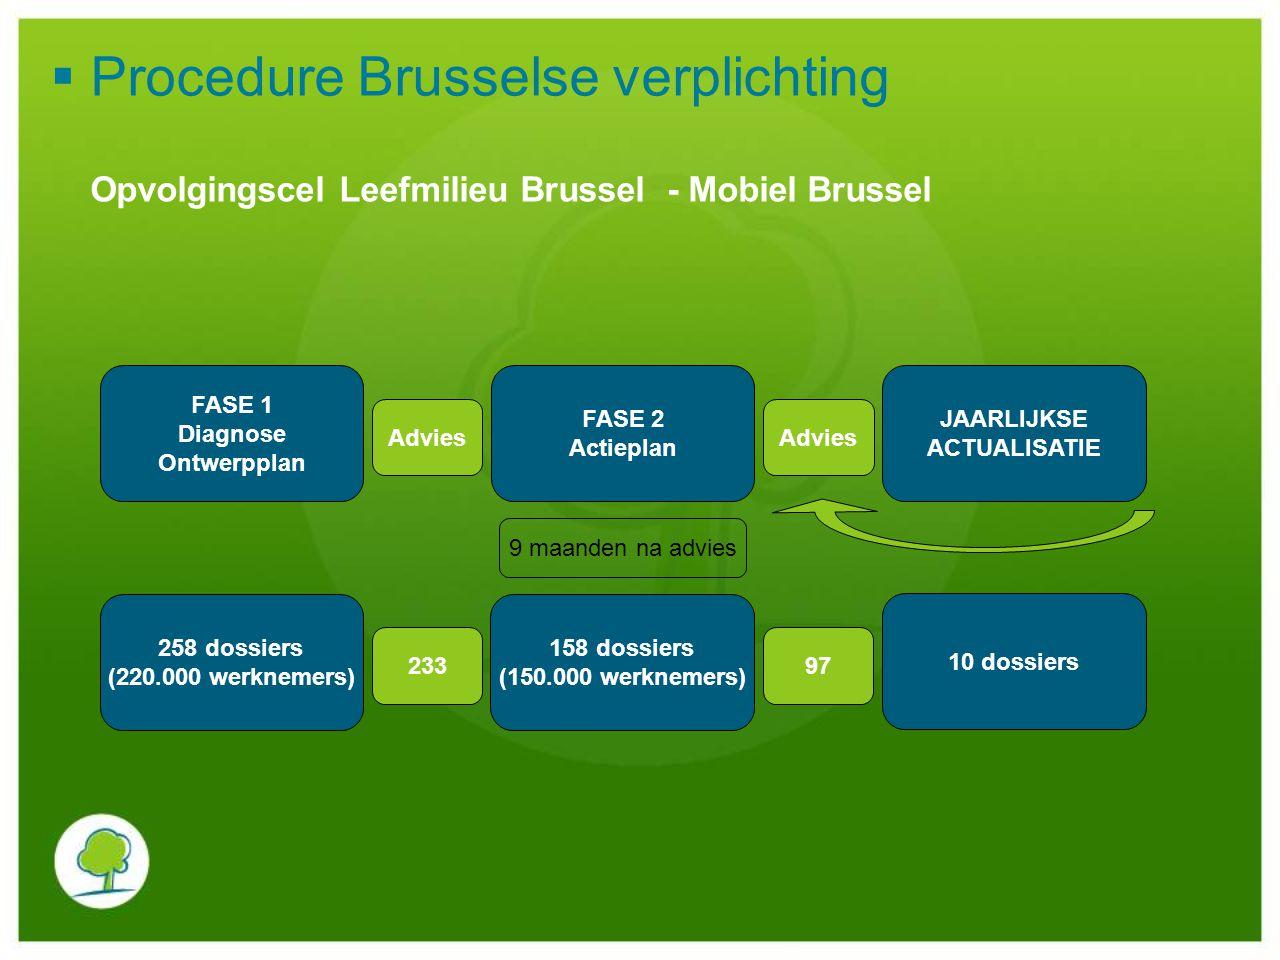  Procedure Brusselse verplichting FASE 1 Diagnose Ontwerpplan Advies FASE 2 Actieplan Advies JAARLIJKSE ACTUALISATIE 9 maanden na advies 258 dossiers